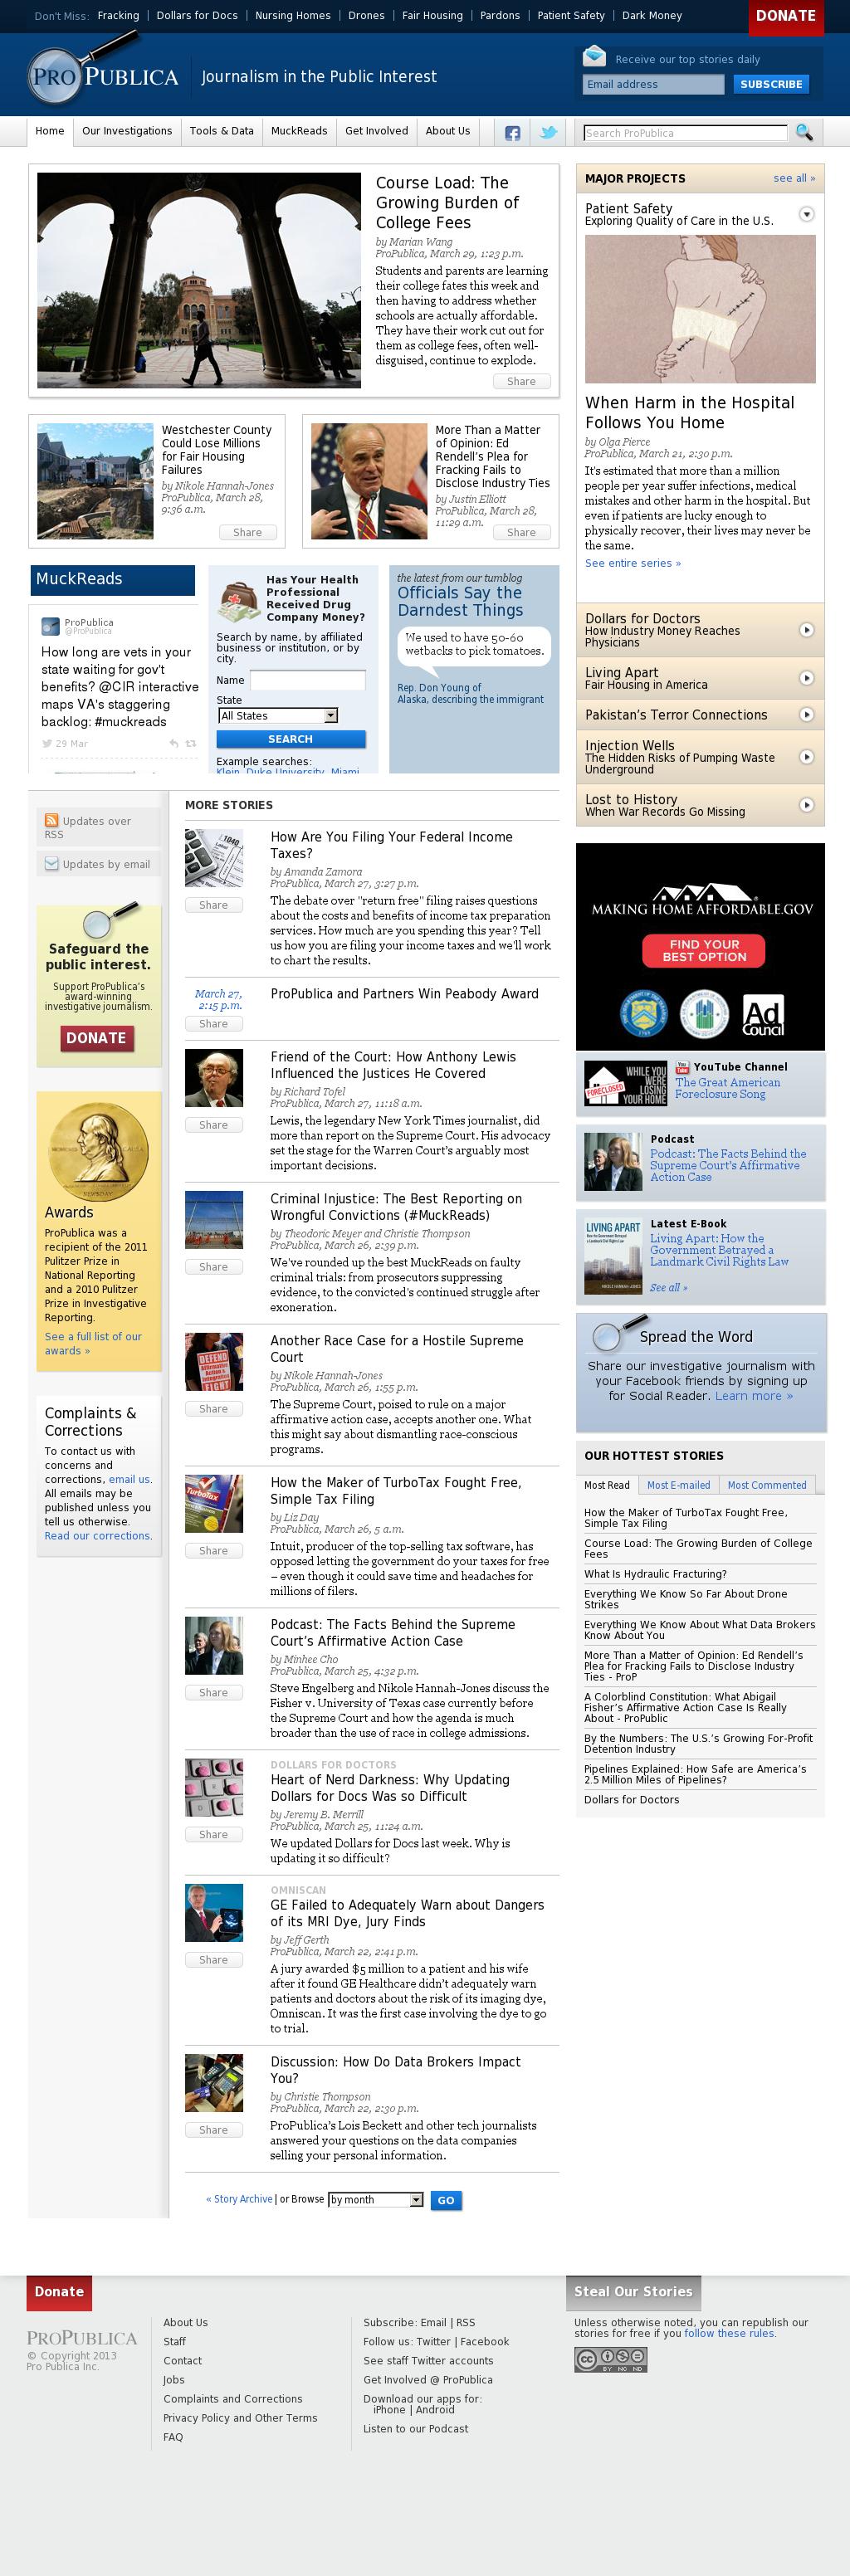 ProPublica at Monday April 1, 2013, 8:18 a.m. UTC